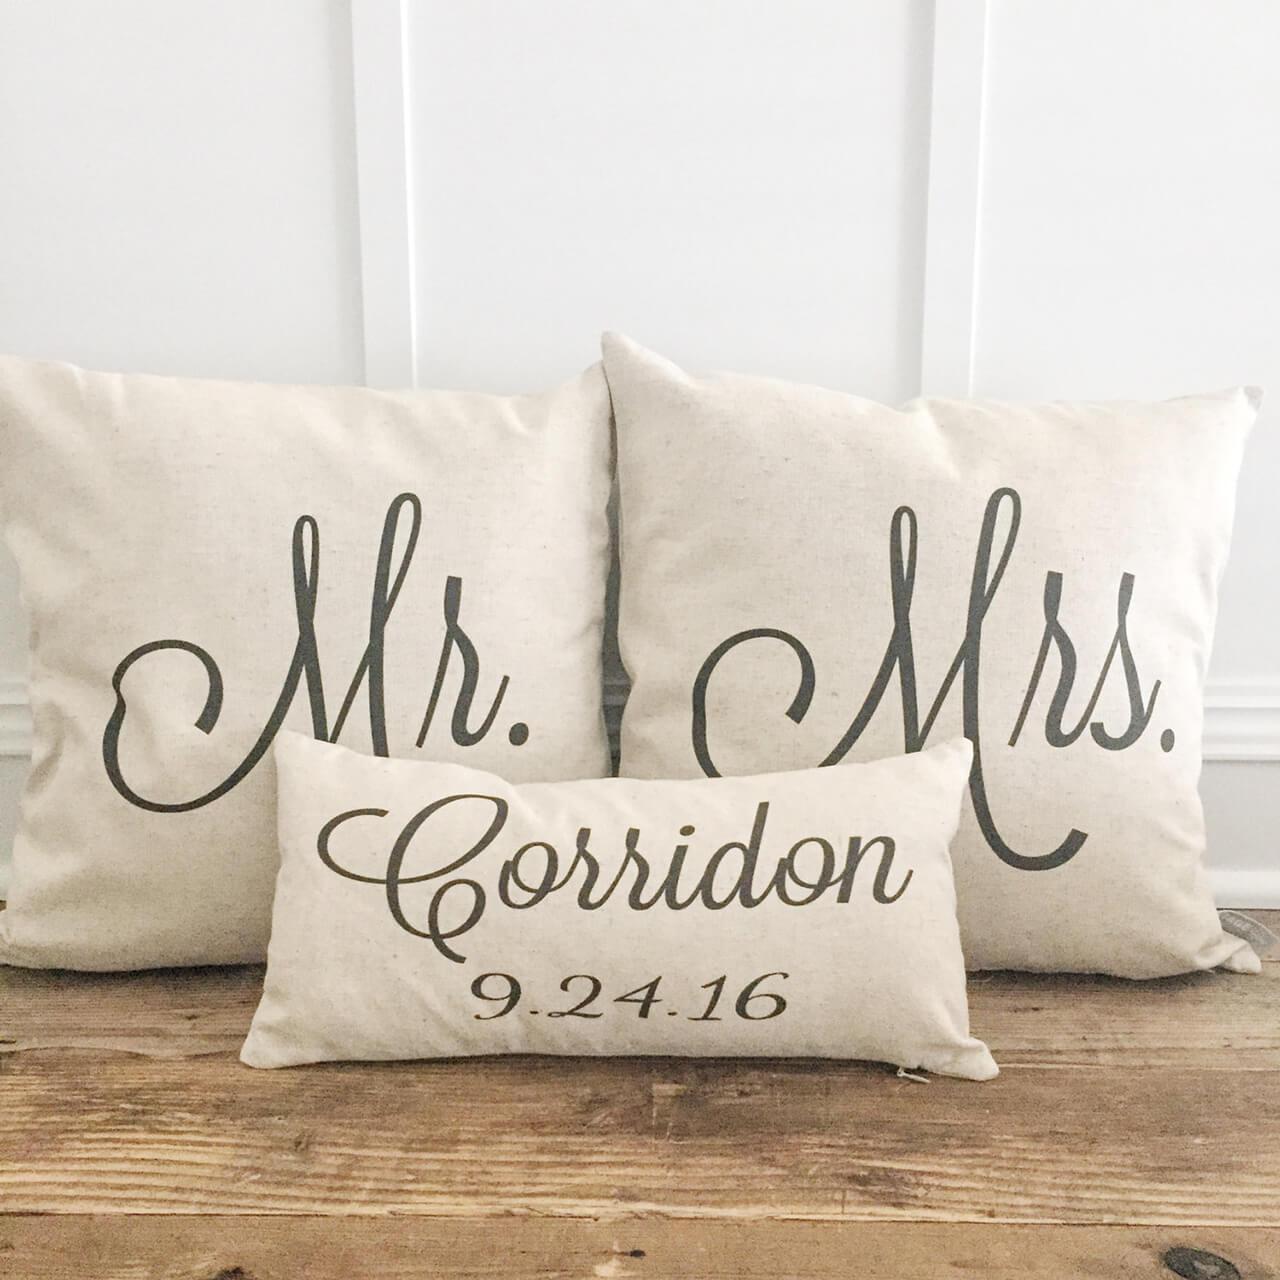 Linen Pillowcases Customized for Mr. & Mrs.